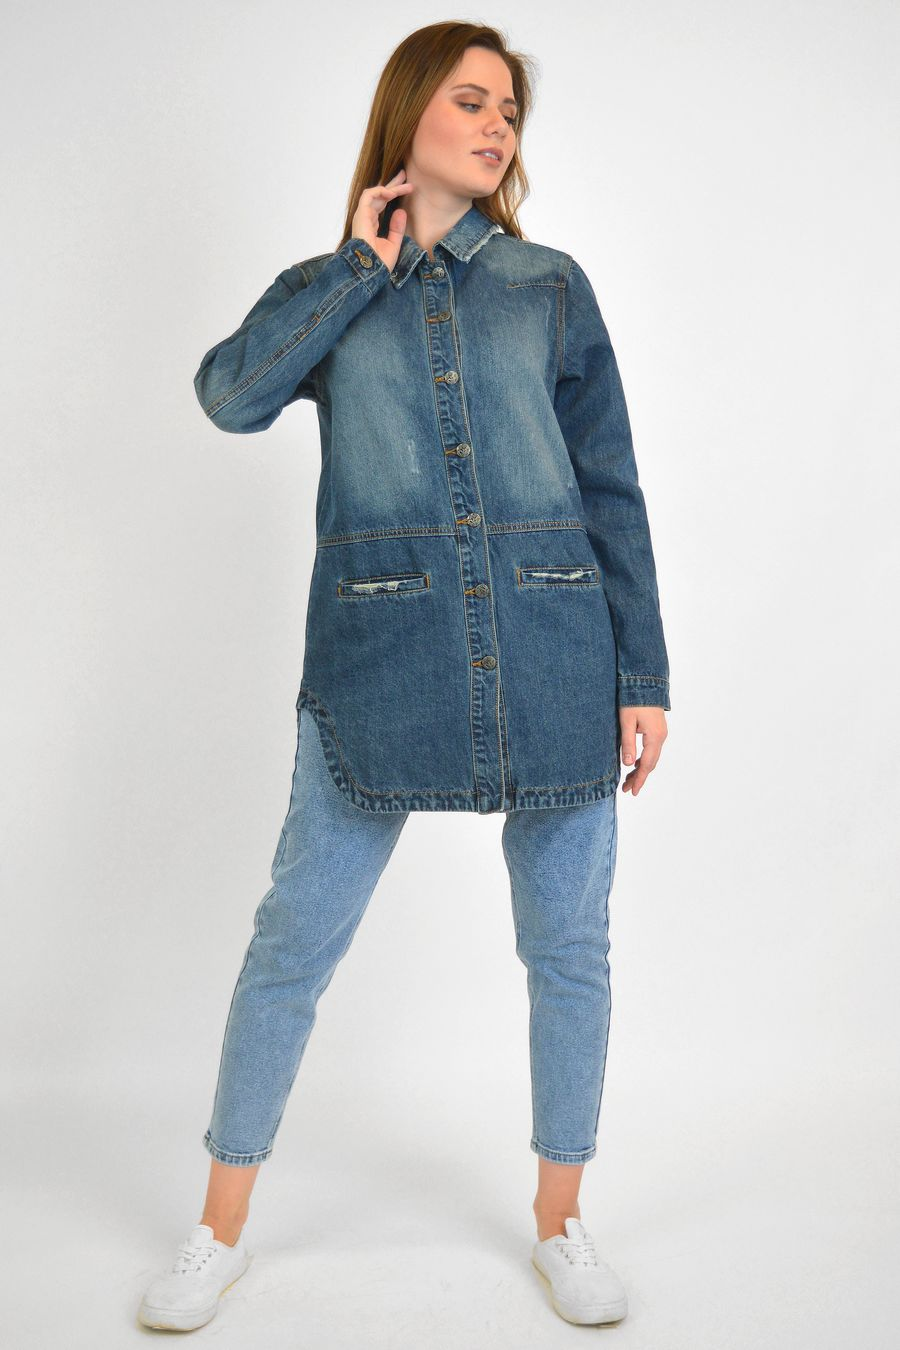 Рубашка женская Baccino 6093 джинсовая - фото 2